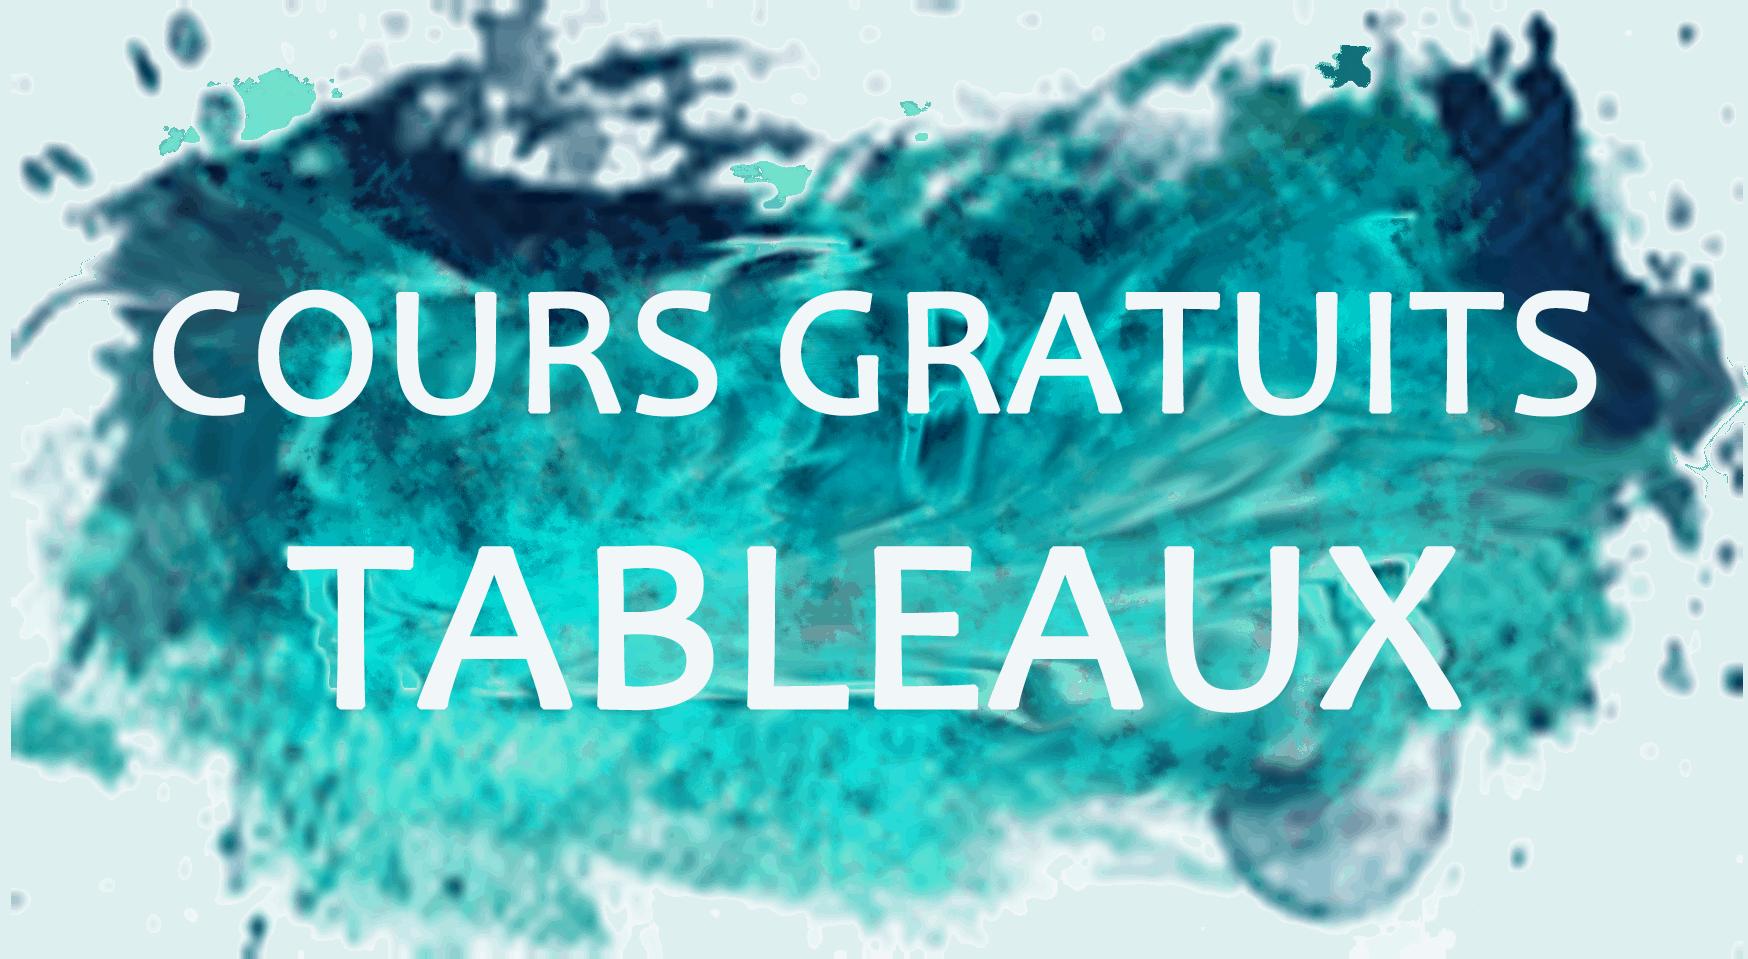 COURS_GRATUIT_TABLEAUX